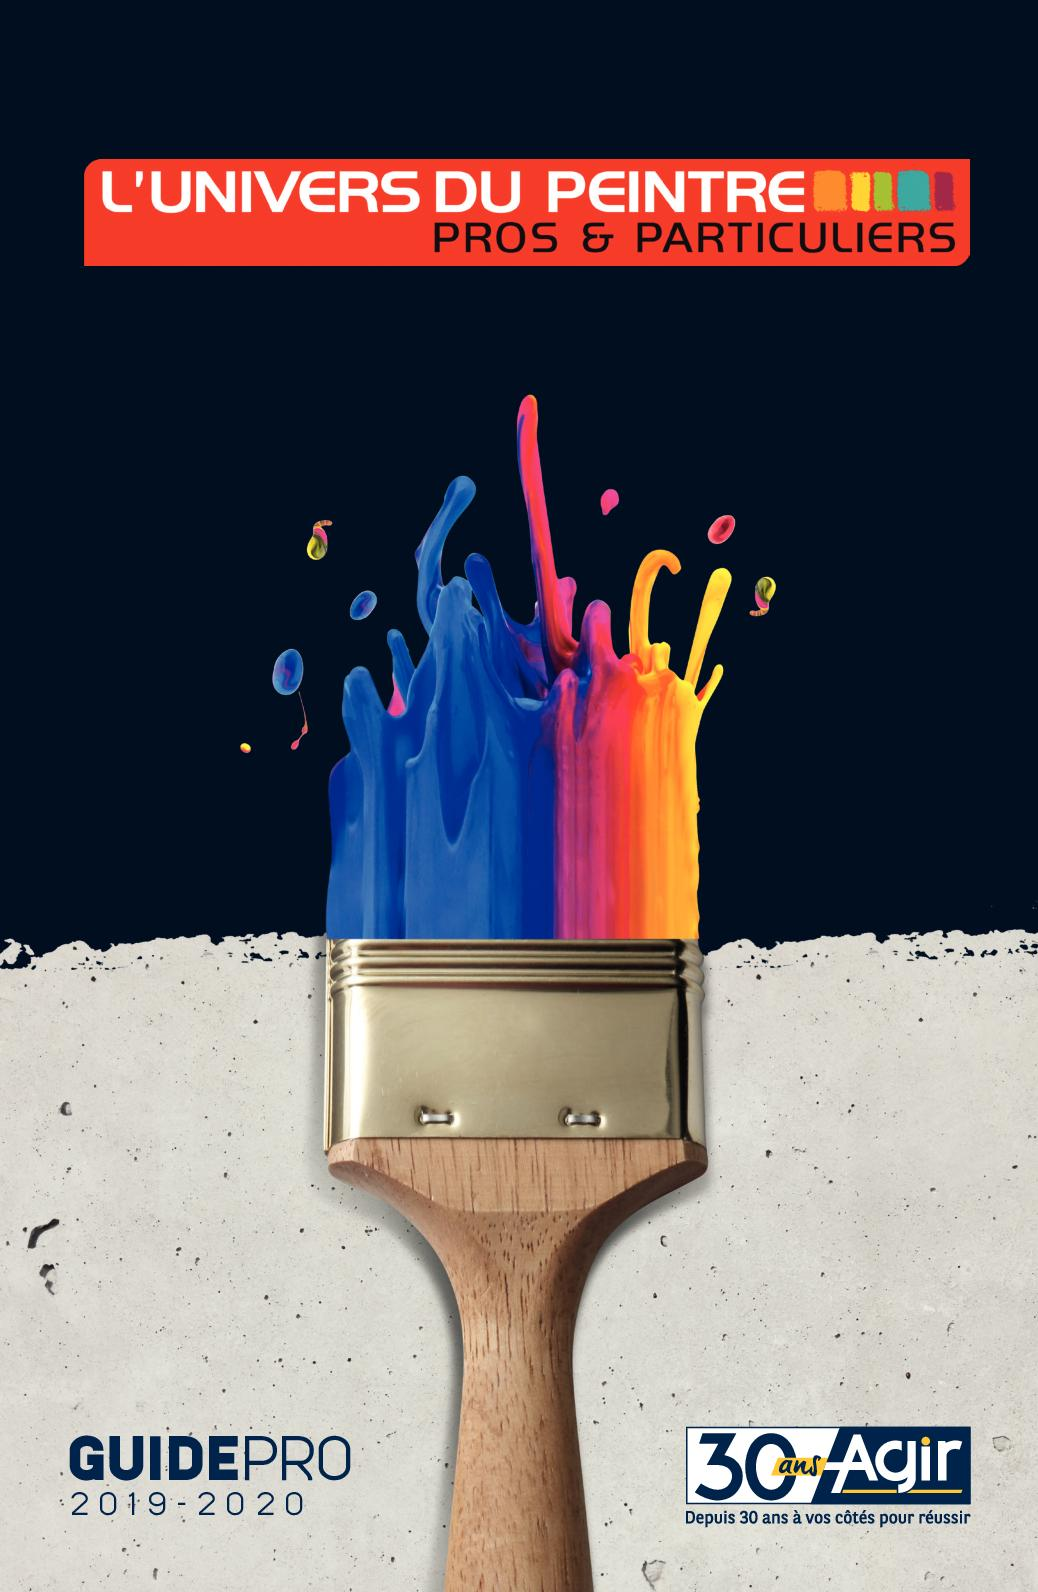 Univers Du Cuir Avis calaméo - univers du peintre guide pro 2019 2020